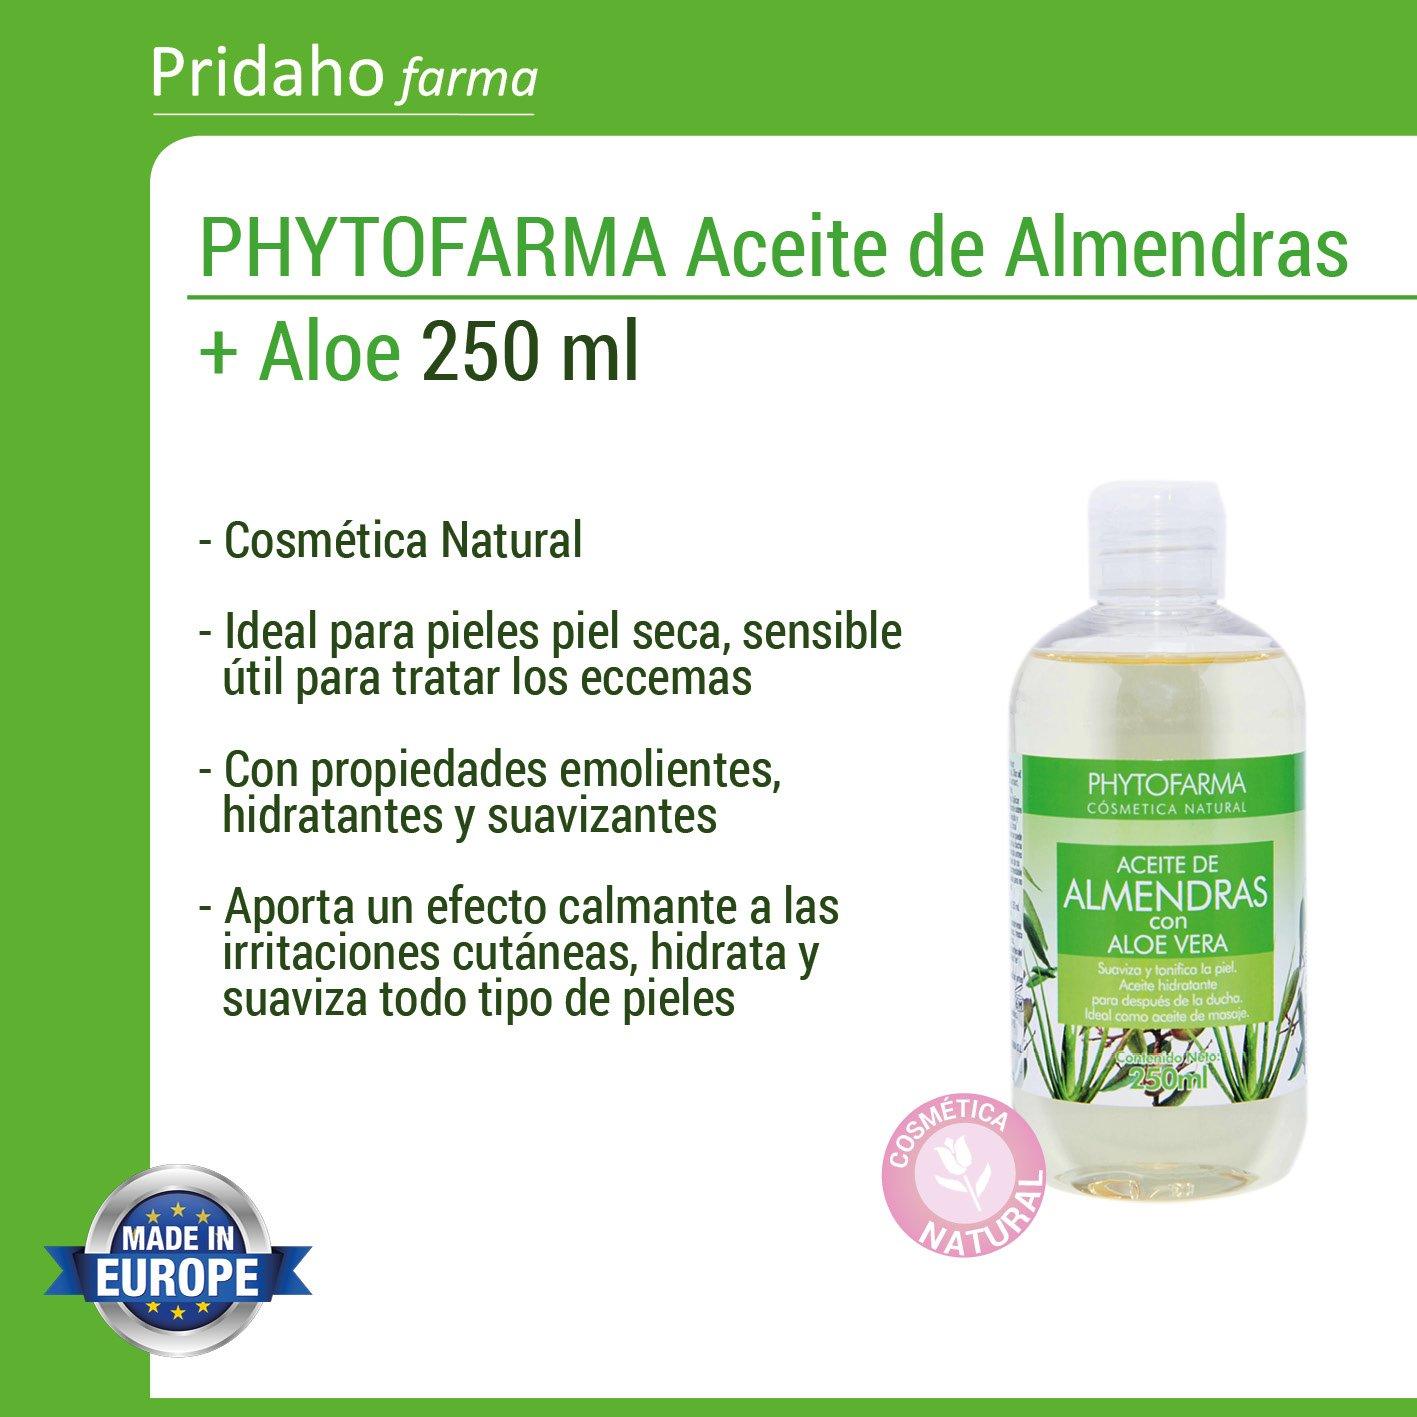 PHYTOFARMA - PHYTOFARMA Aceite de Almendras + Aloe Vera 250 ml: Amazon.es: Belleza